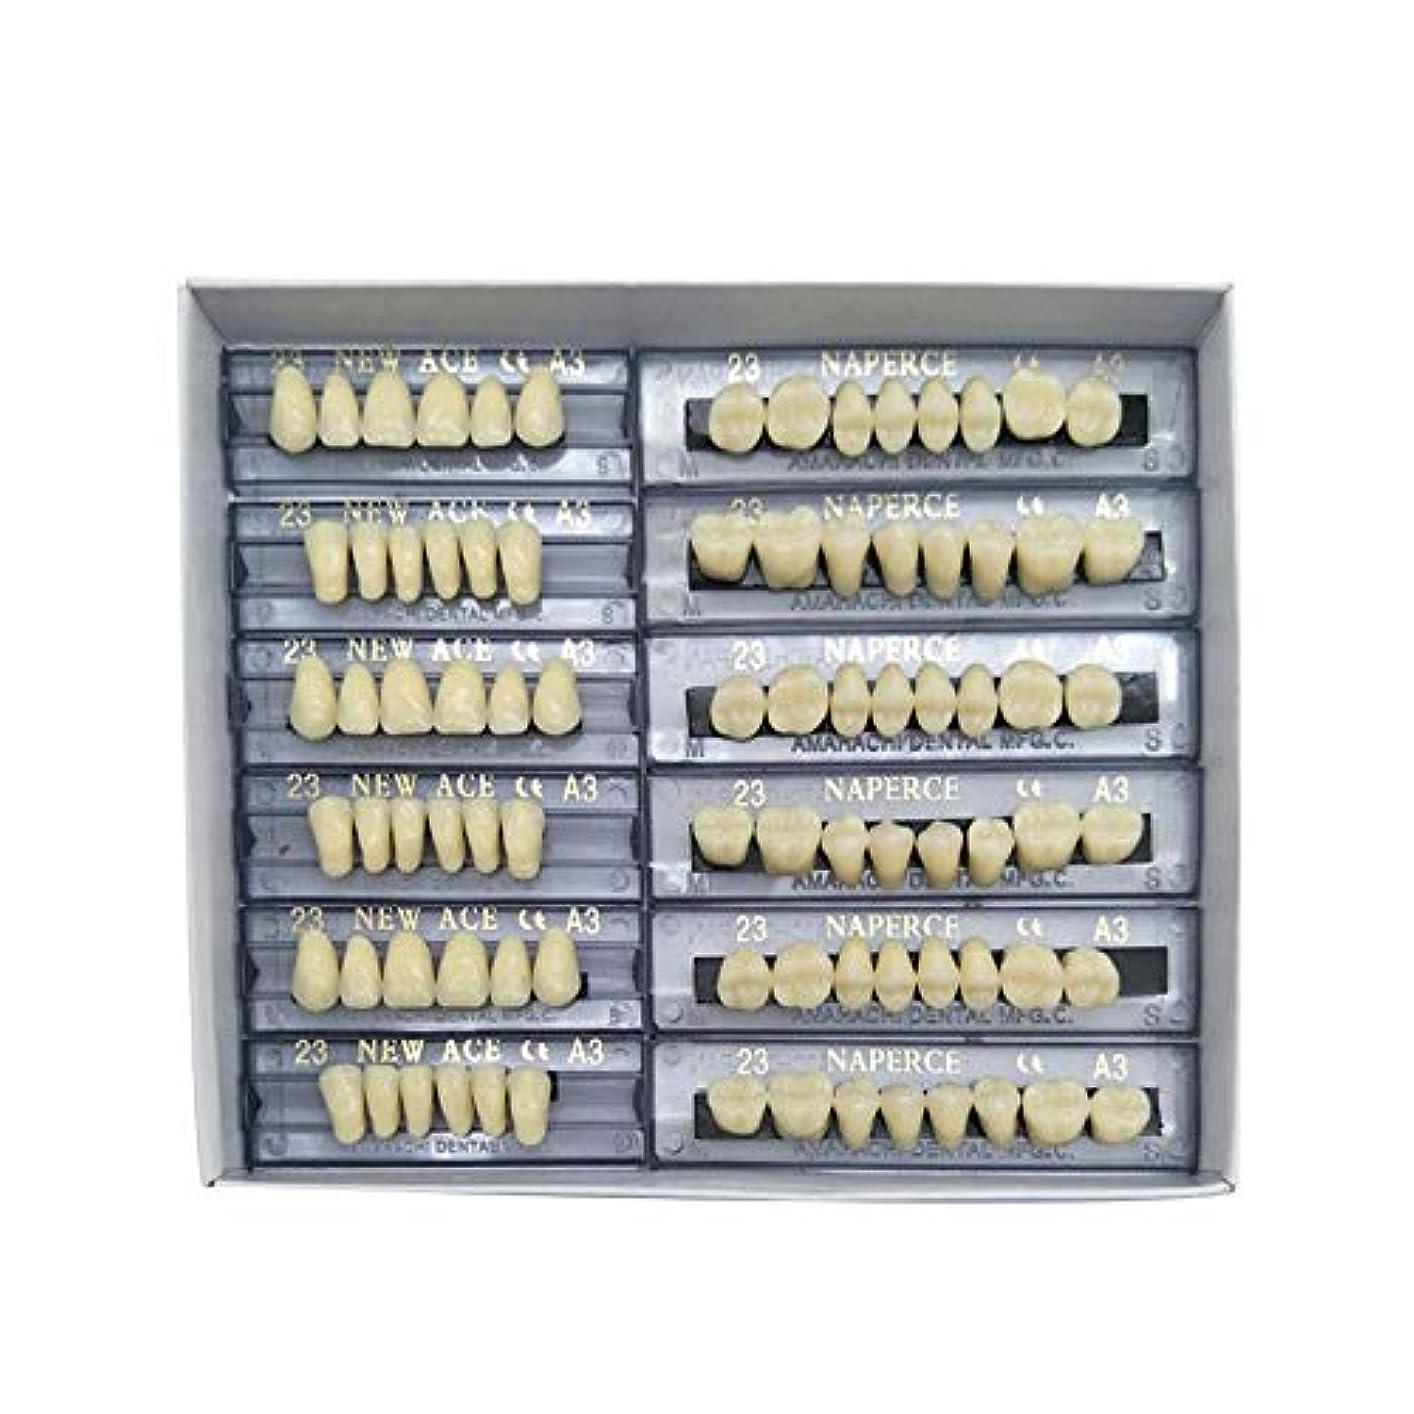 デンプシー雷雨排他的SHINA 12セット合成ポリマー樹脂義歯 上+下歯科セット (A3)